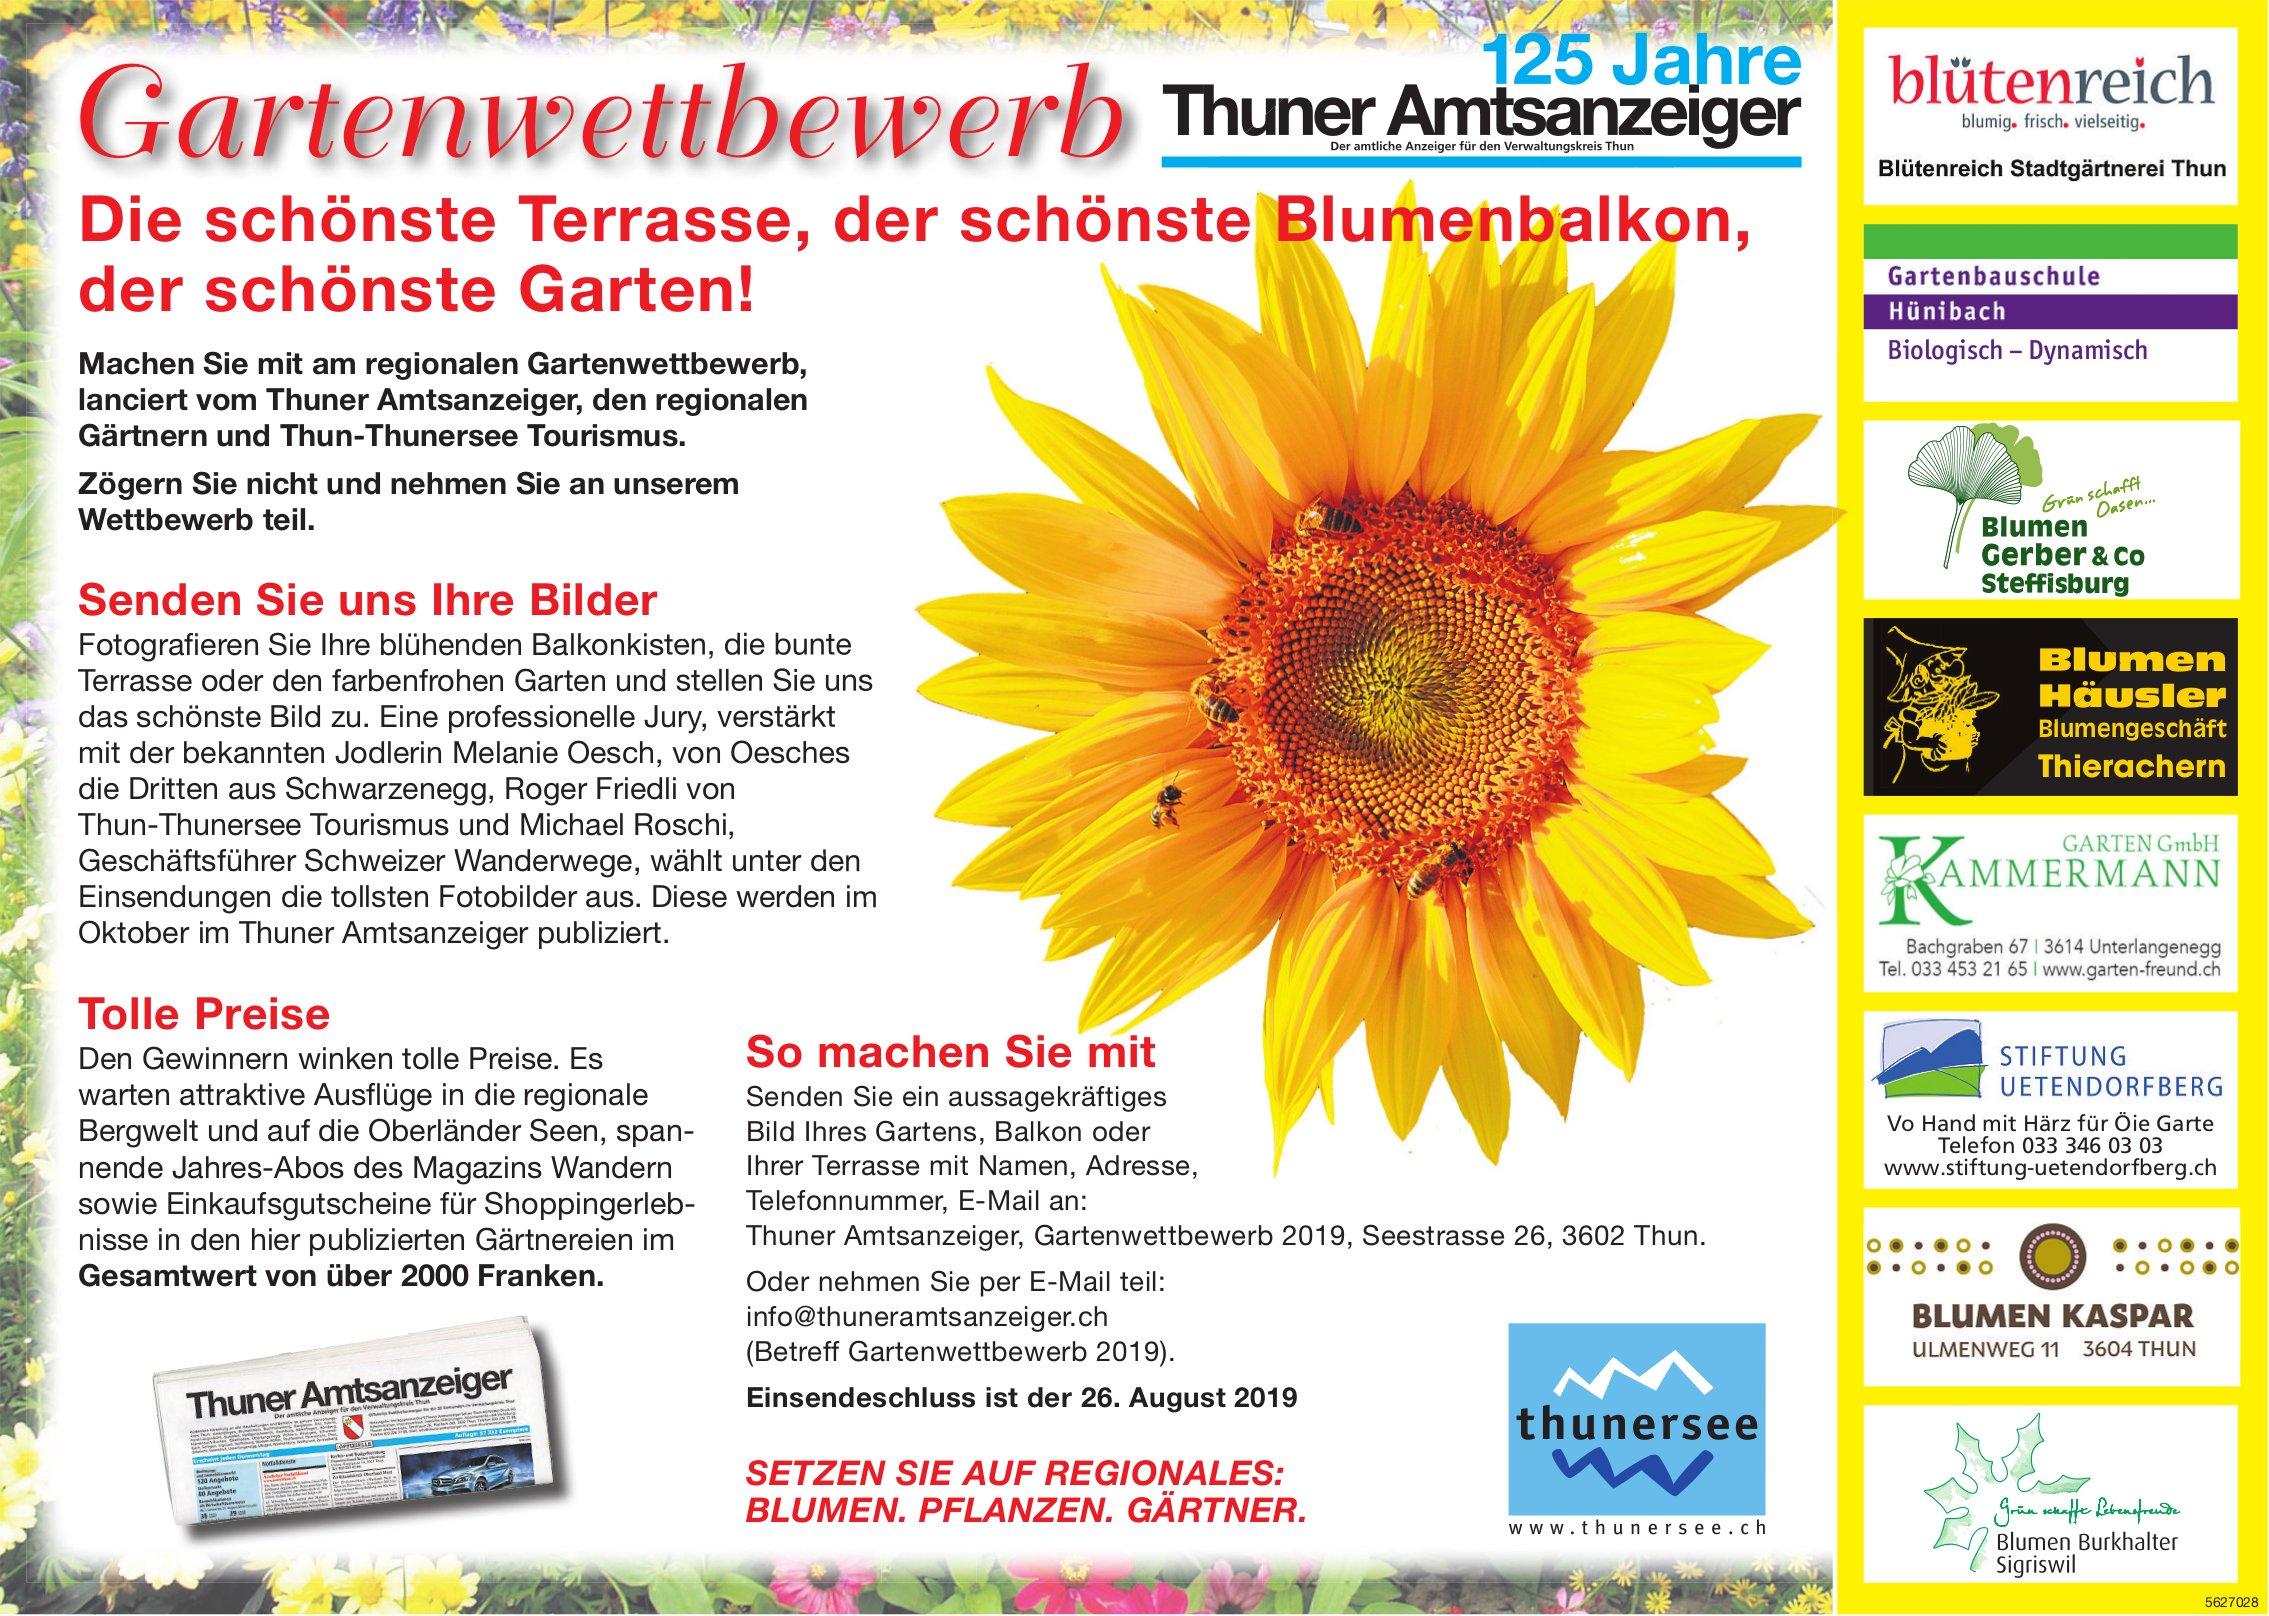 125 Jahre Thuner Amtsanzeiger - Gartenwettbewerb: Die schönste Terrasse, der schönste Blumenbalkon..